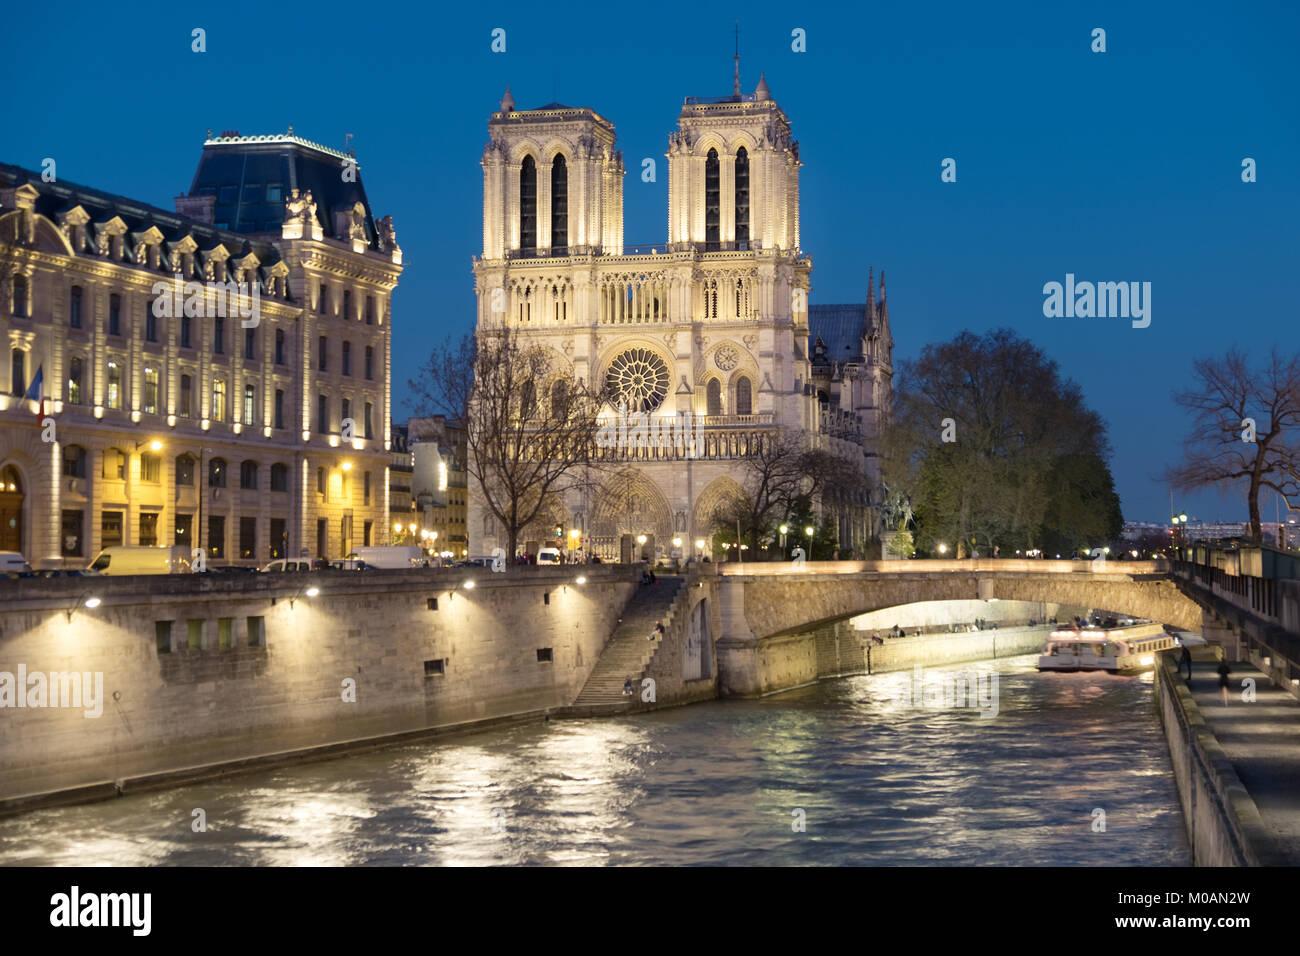 Le Paris romantique, allumé en Seine et de la cathédrale Notre-Dame dans la nuit. Image panoramique, peu Photo Stock